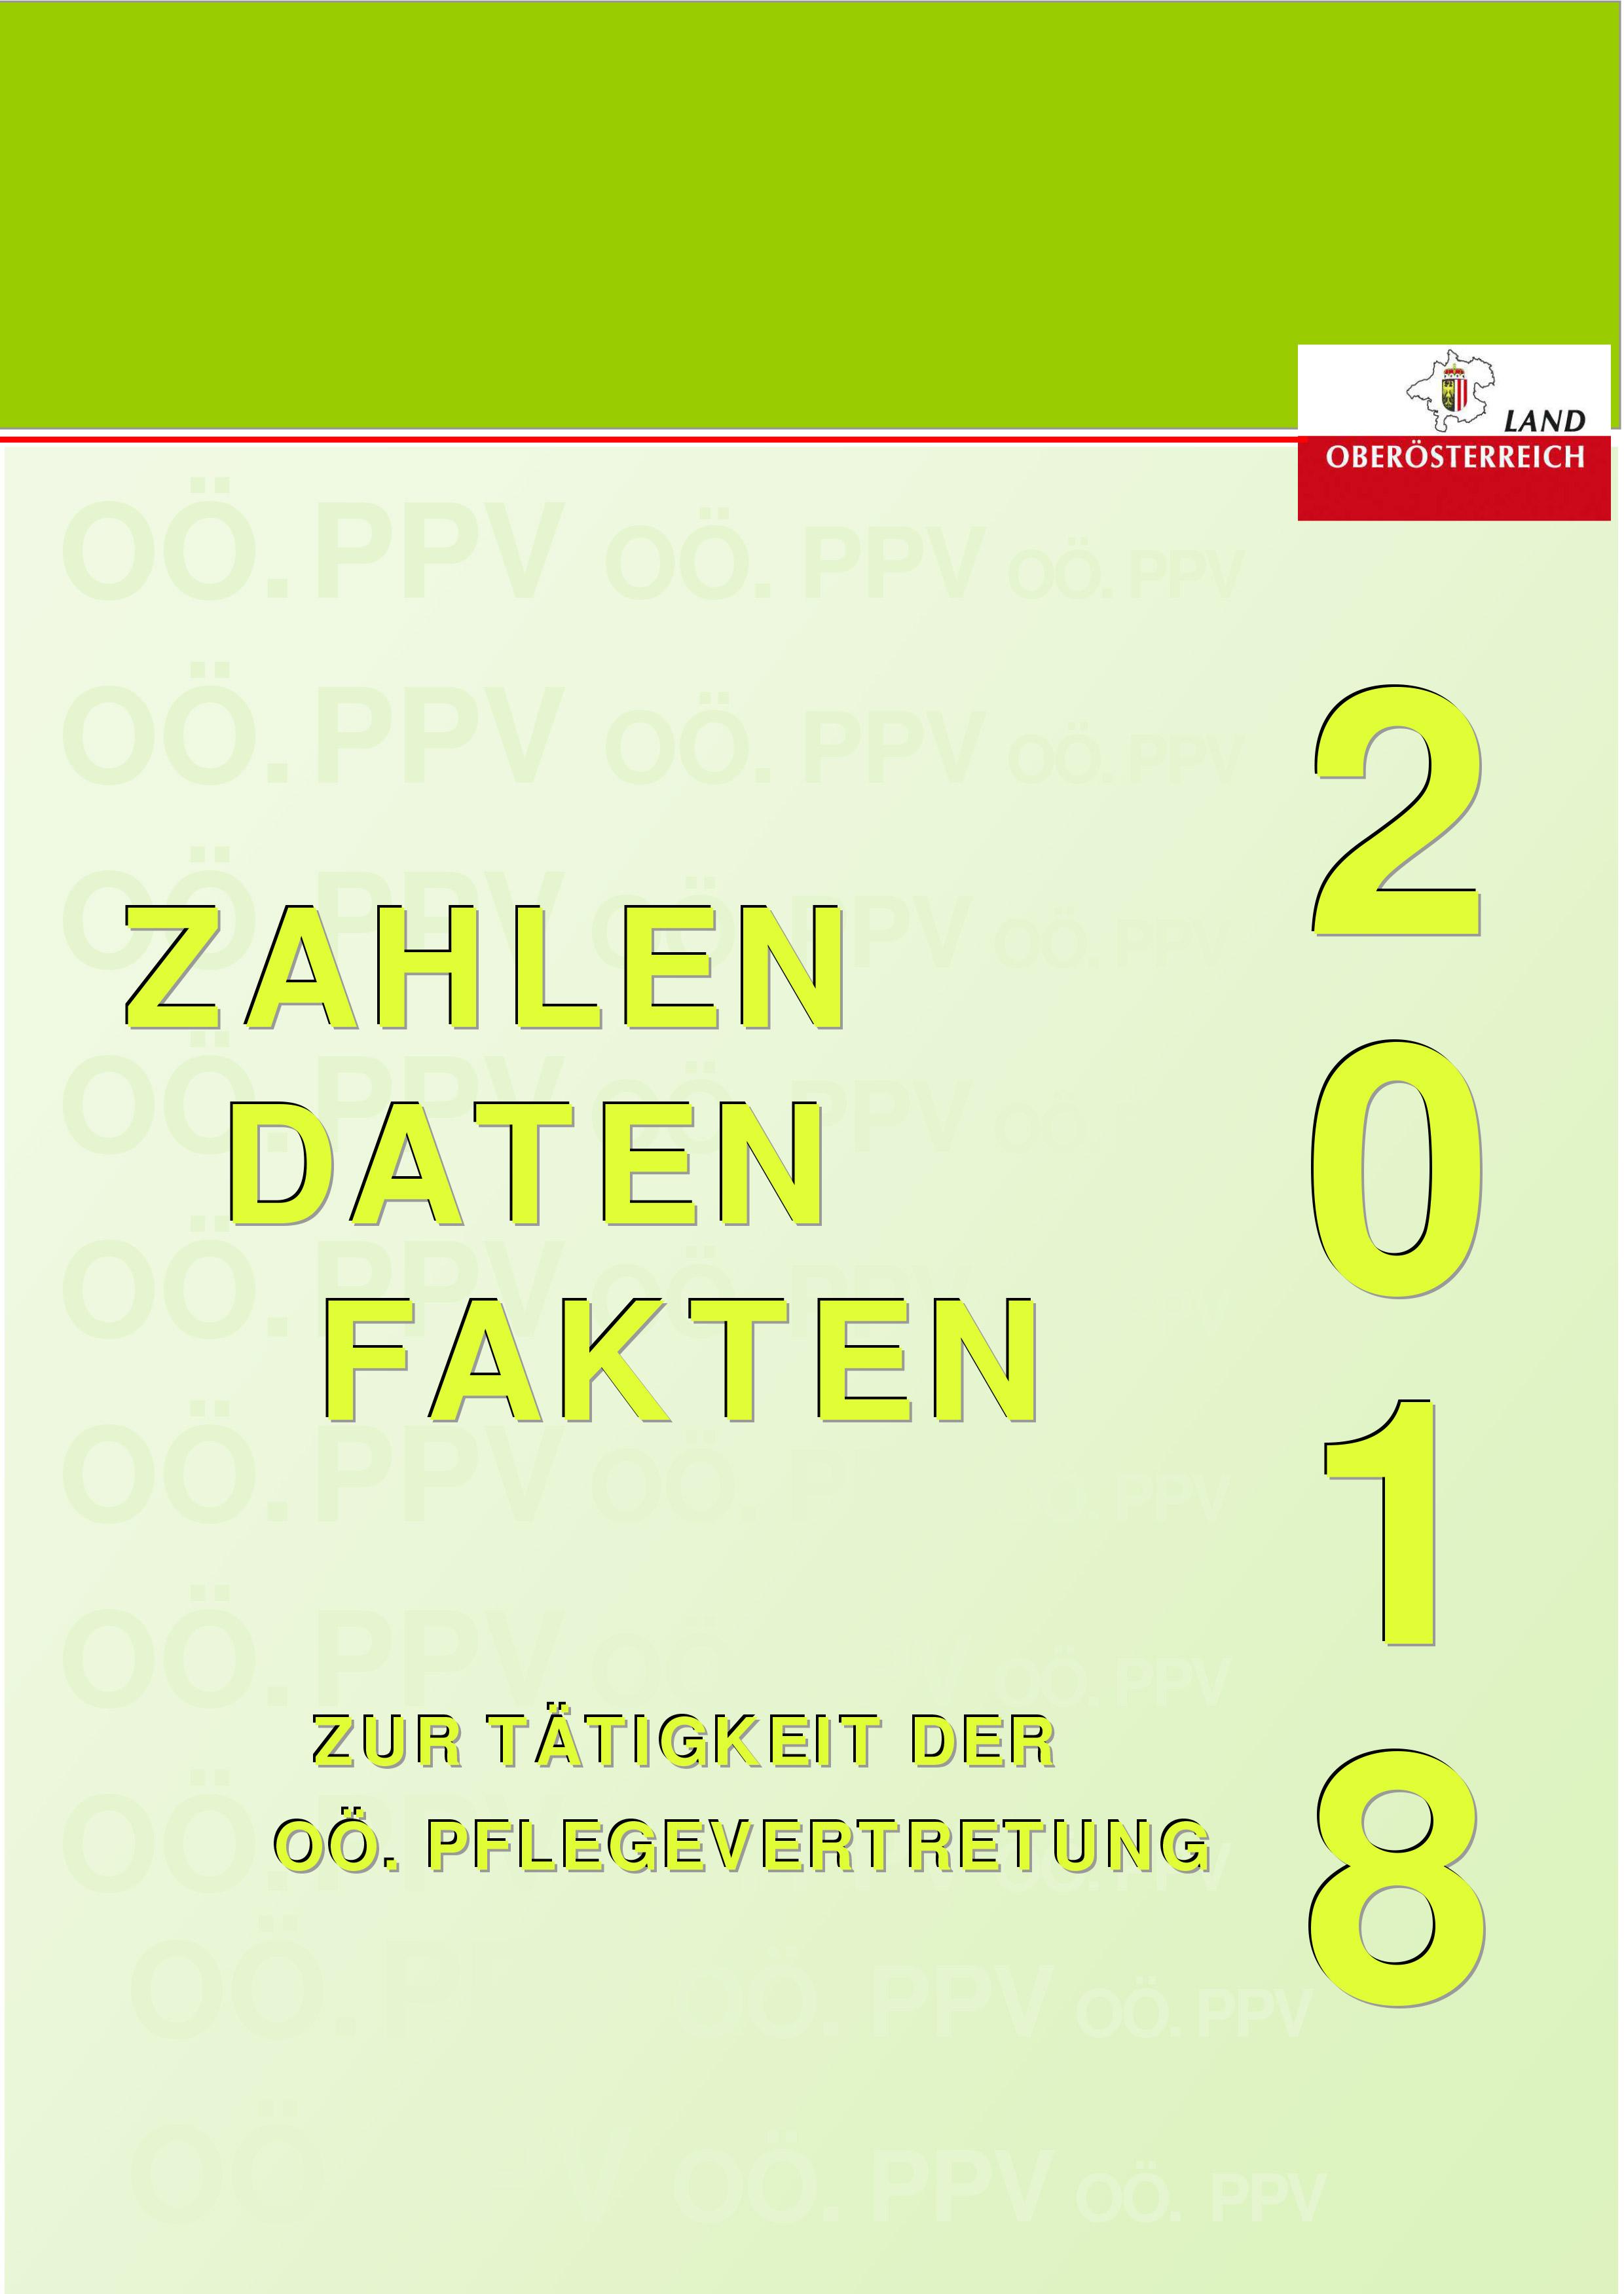 Tätigkeitsbericht der Oö. Pflegevertretung für das Jahr 2018